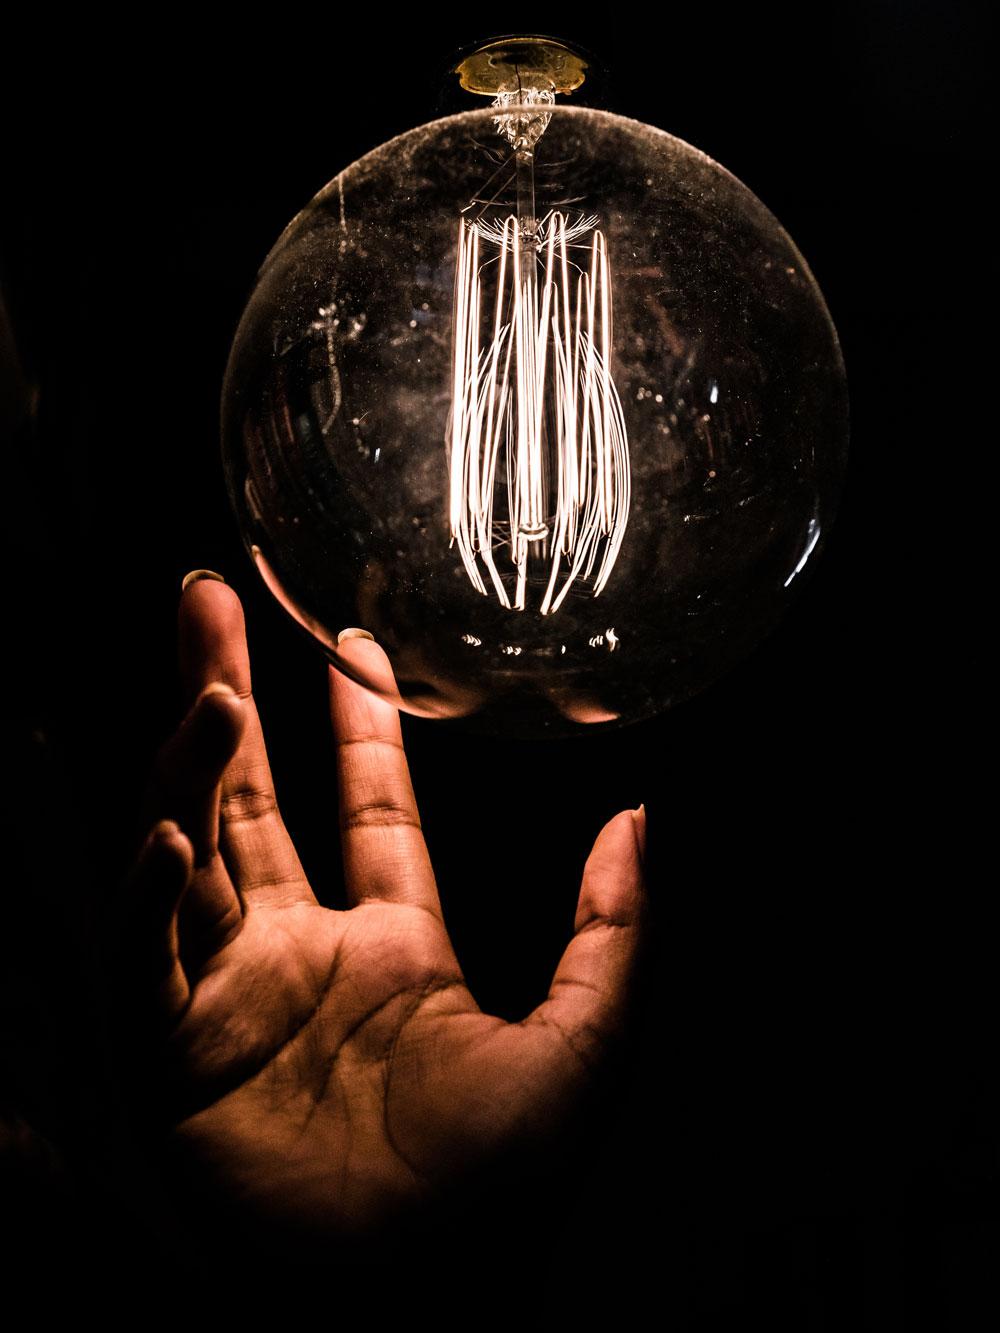 Vintagelightbulb